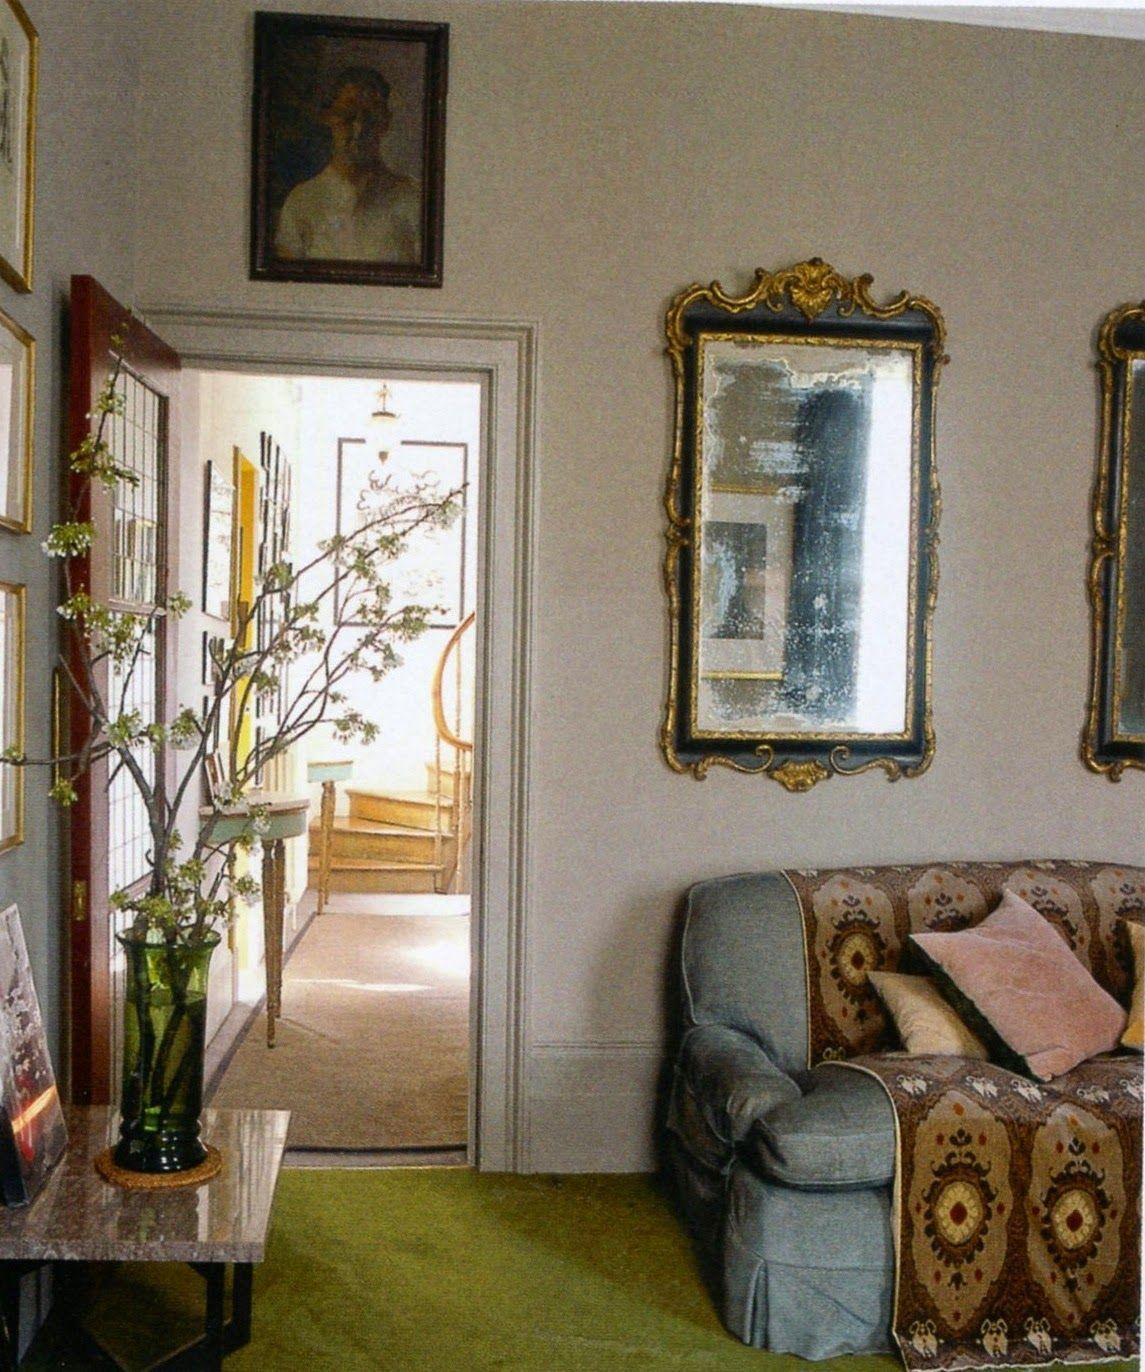 Bella Home Interiors: Karen Barlow: Bella Freud's London Home Designed With